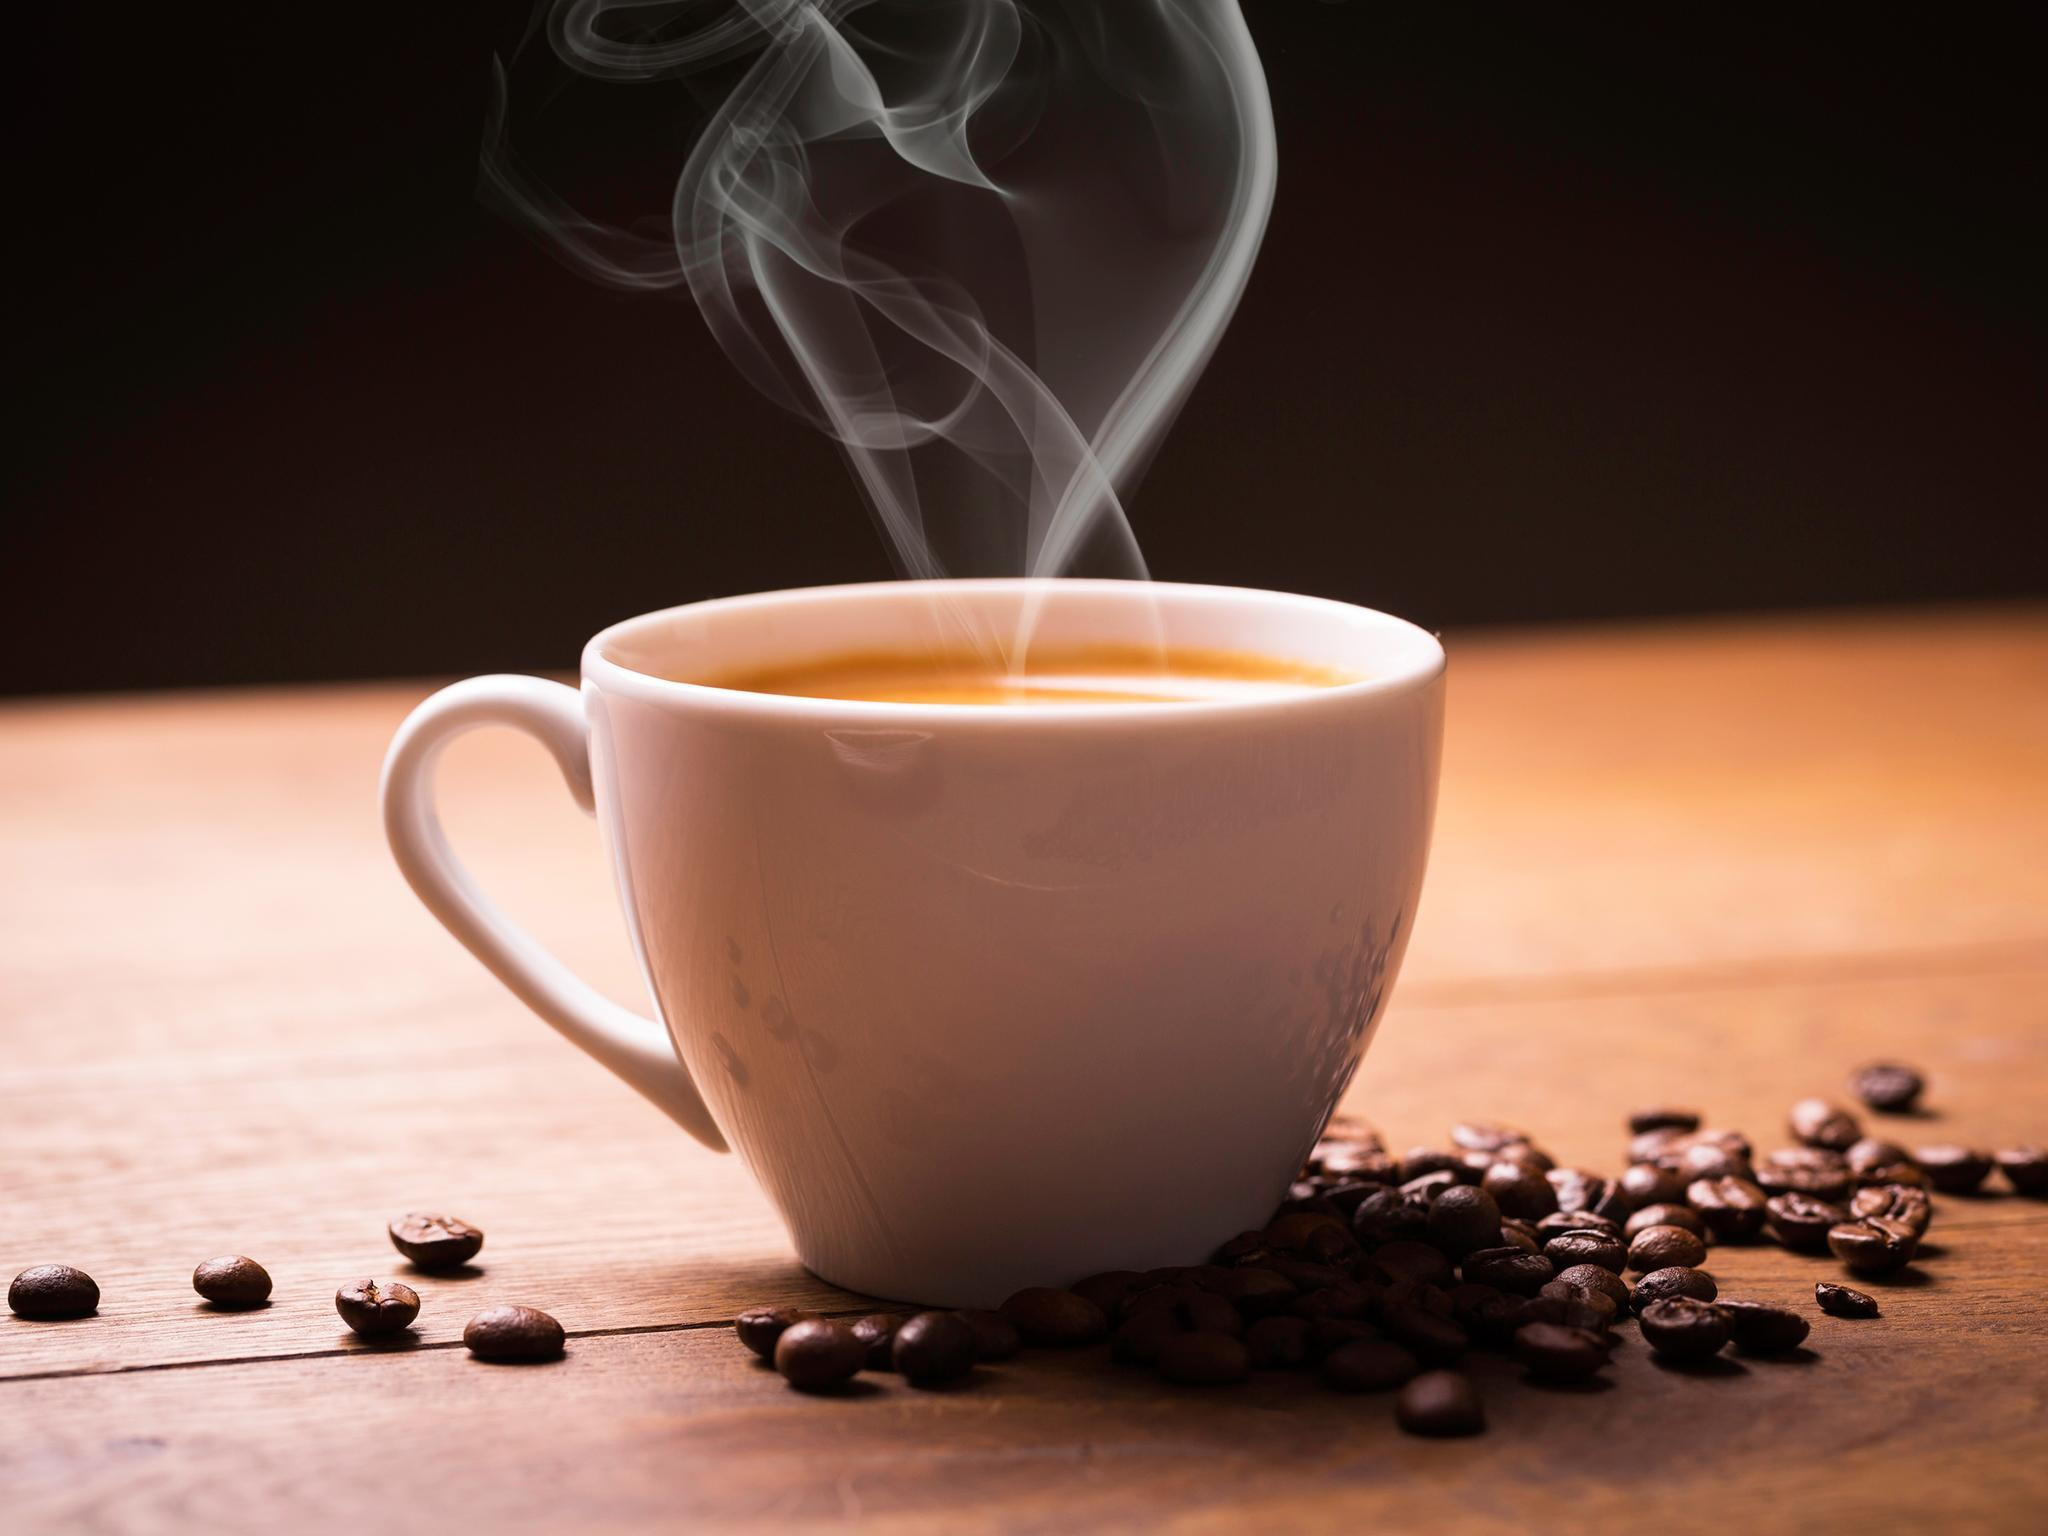 فوائد رائحة القهوة التي لا يعرفها الكثير 2